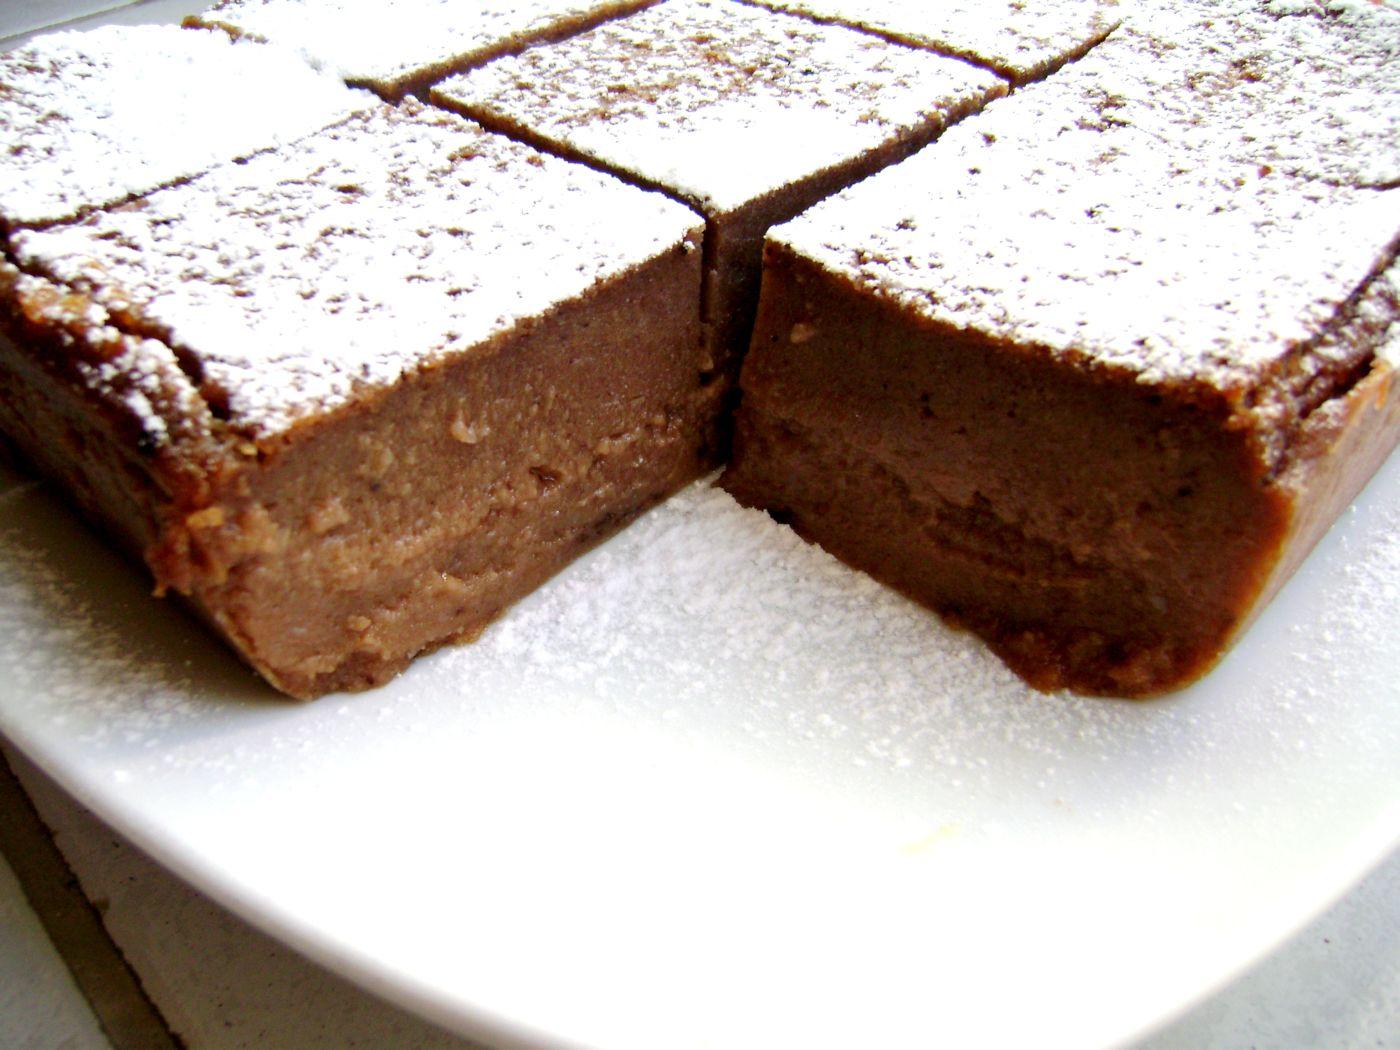 Bien connu torta budino ai biscotti e cioccolato – Dolci JK34